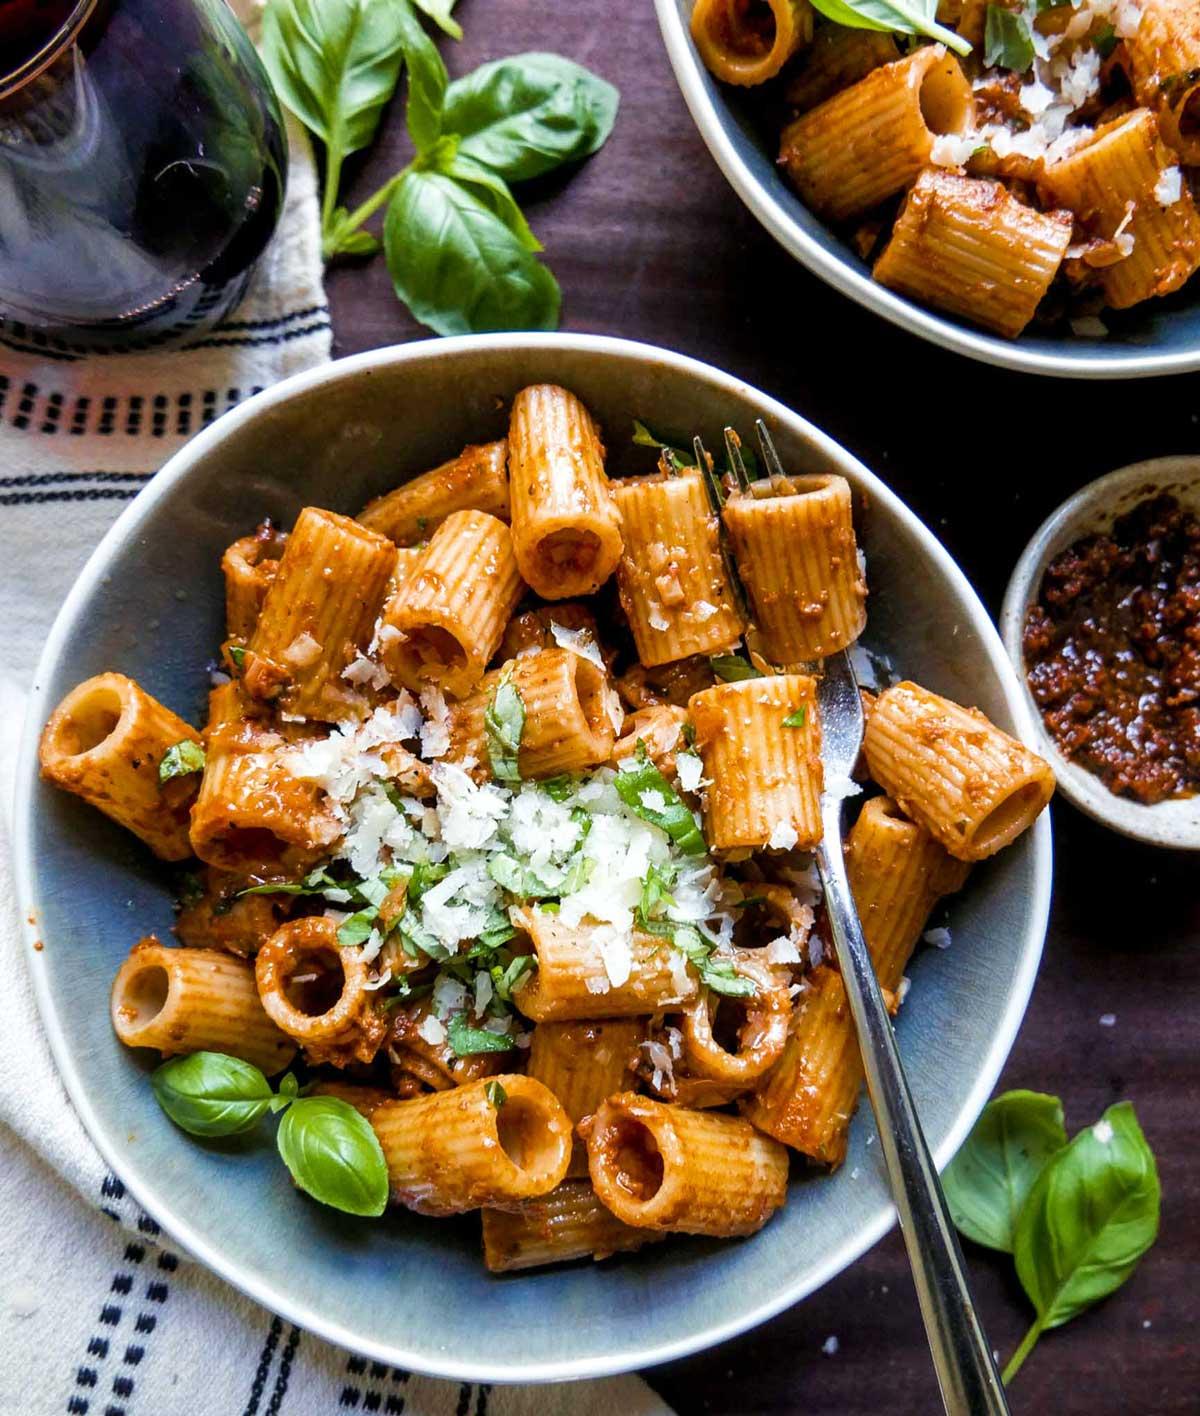 pasta med pesto nem opskrift til vegansk aftensmad